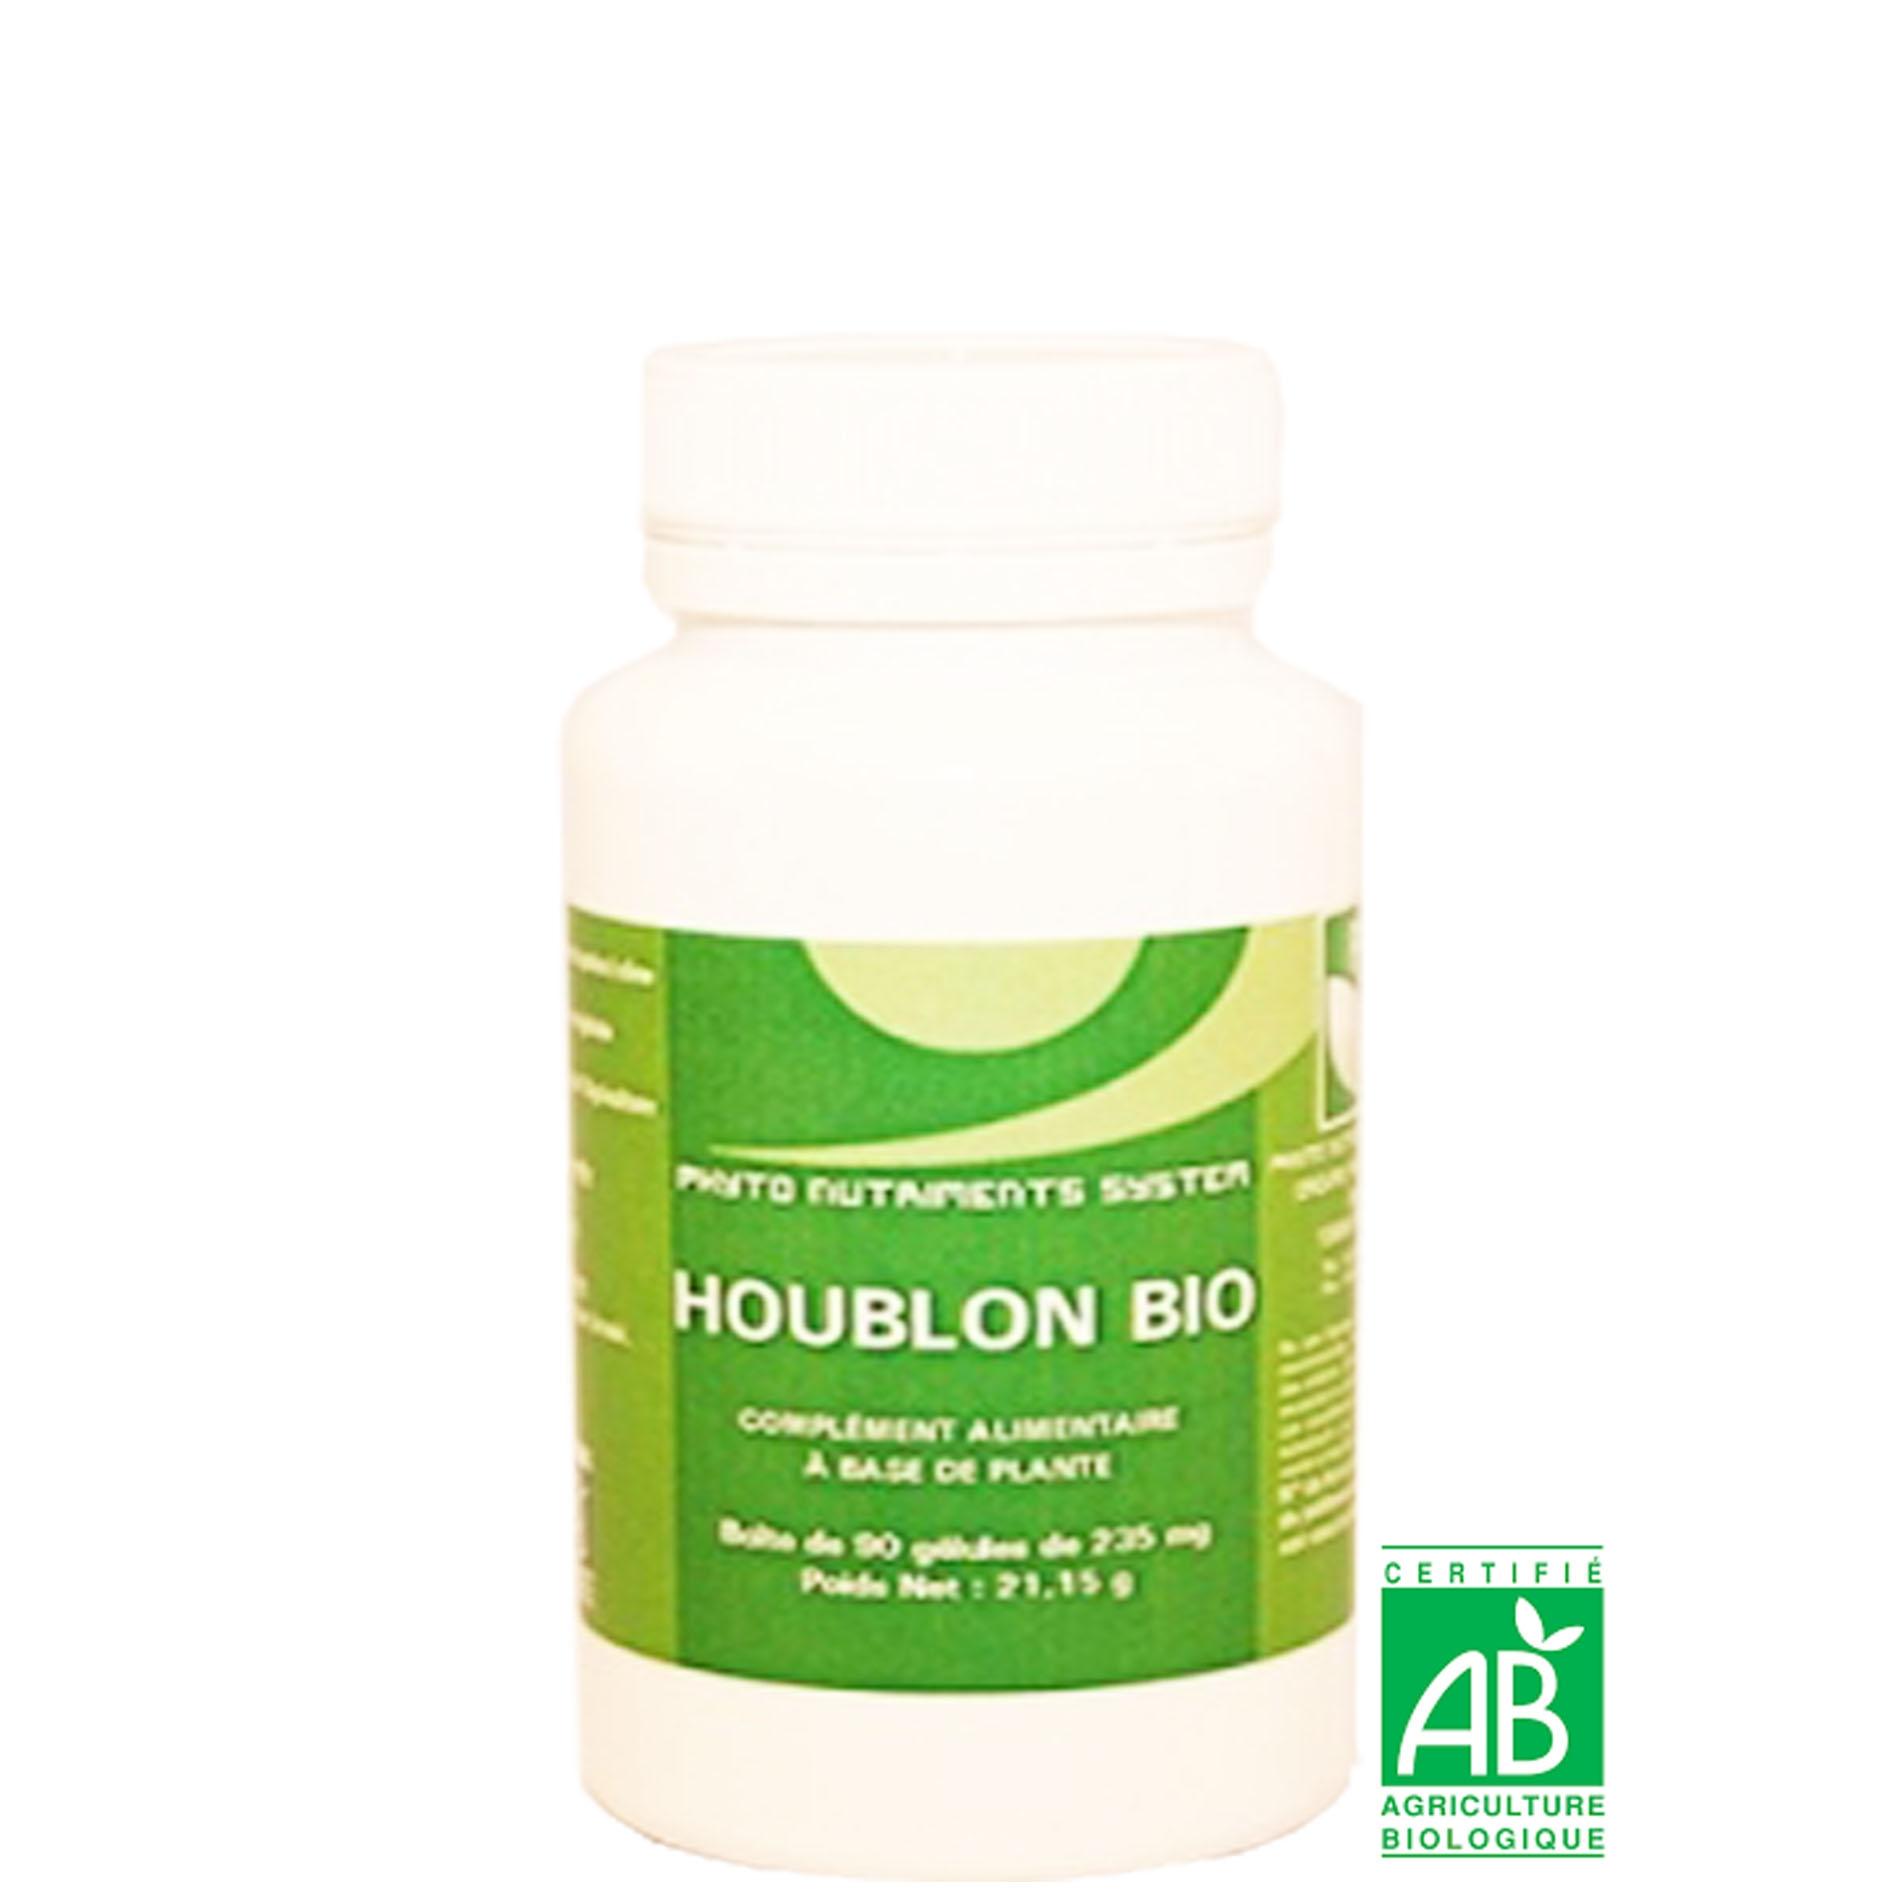 phytotherapie-houblon-bio